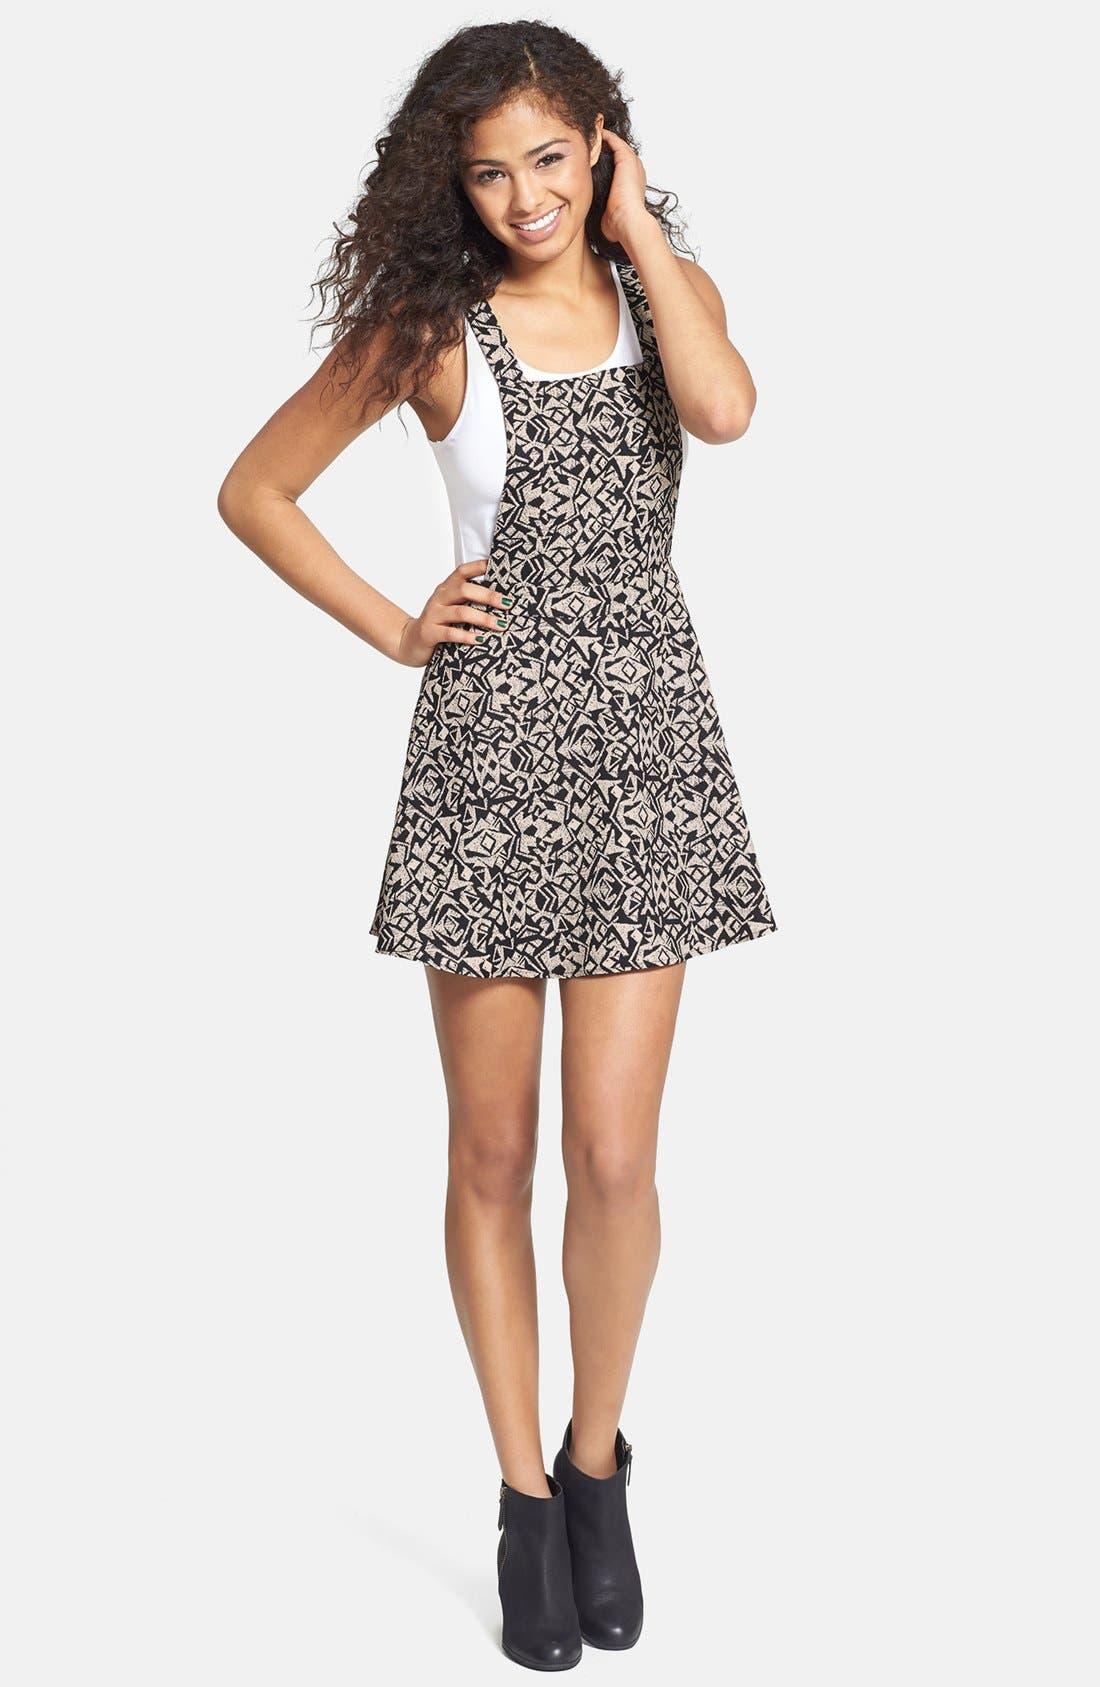 Alternate Image 1 Selected - Lush Print Pinafore Dress (Juniors)